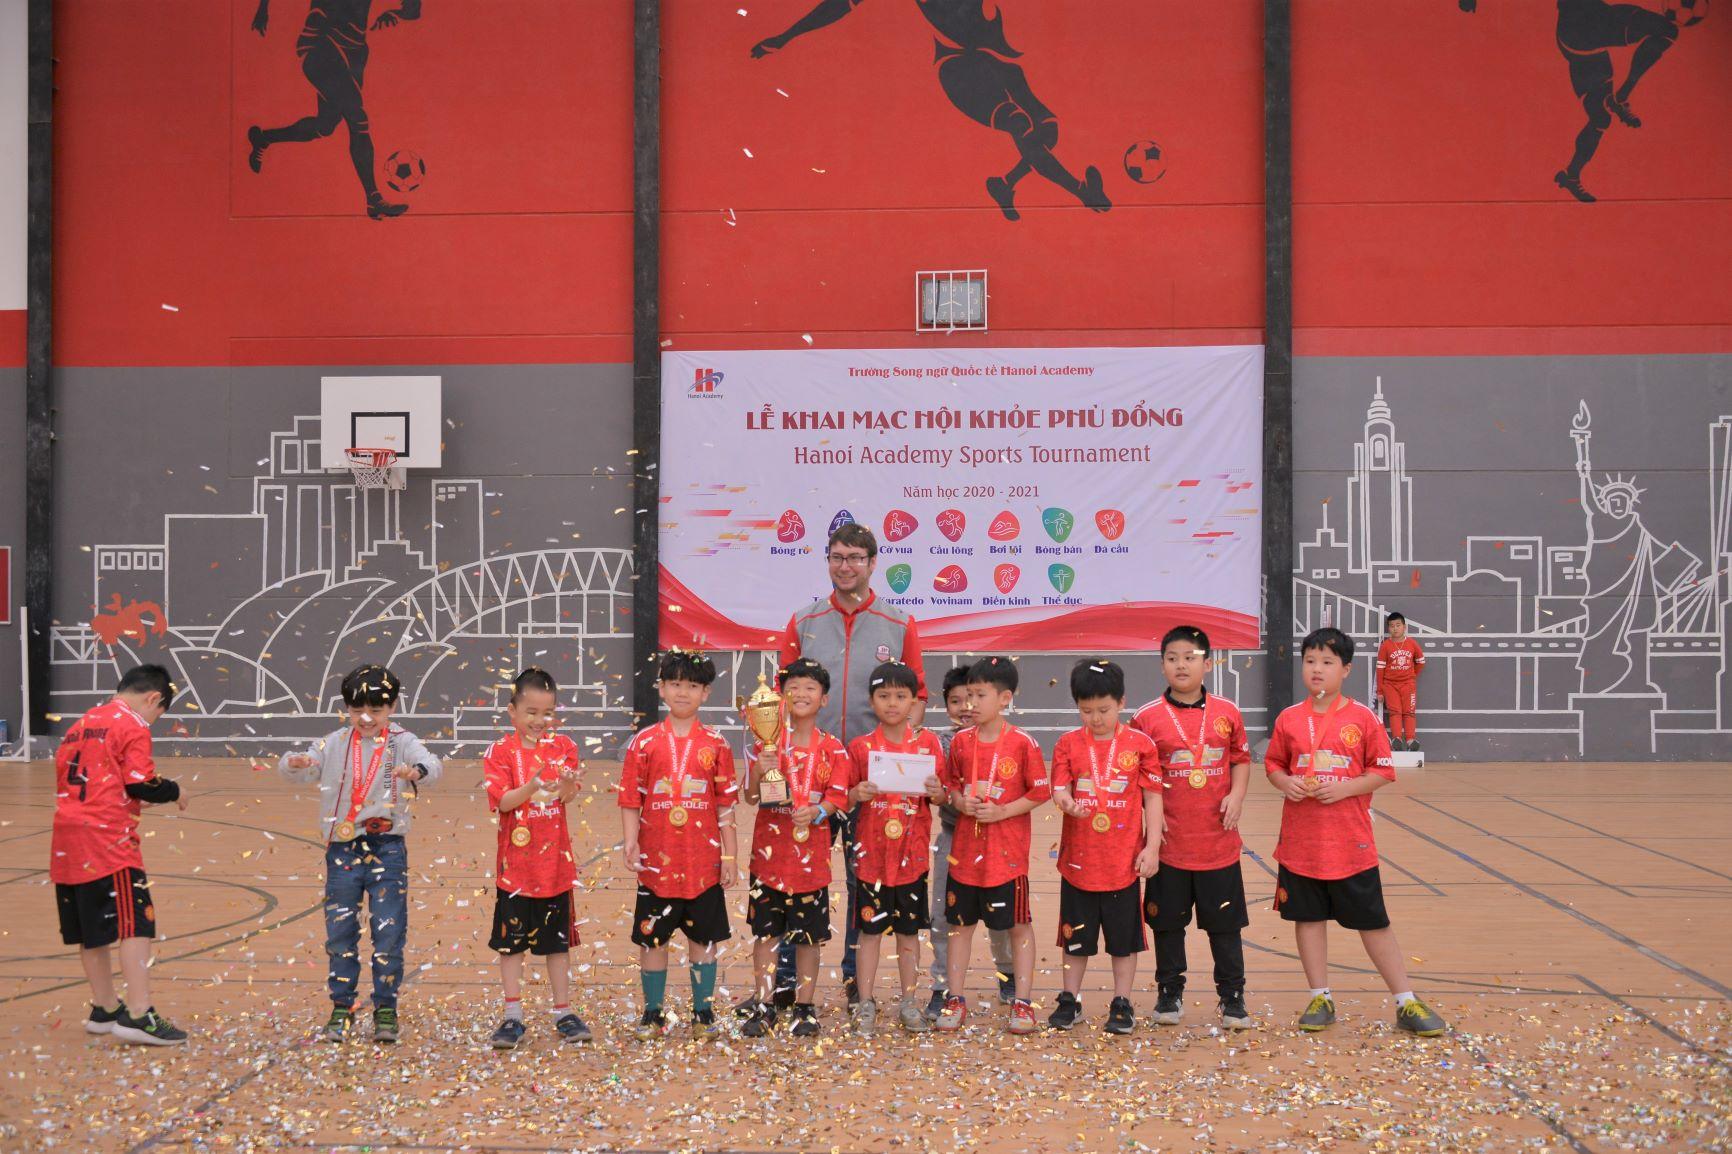 Bế mạc giải bóng đá học sinh Tiểu học năm học 2020-2021